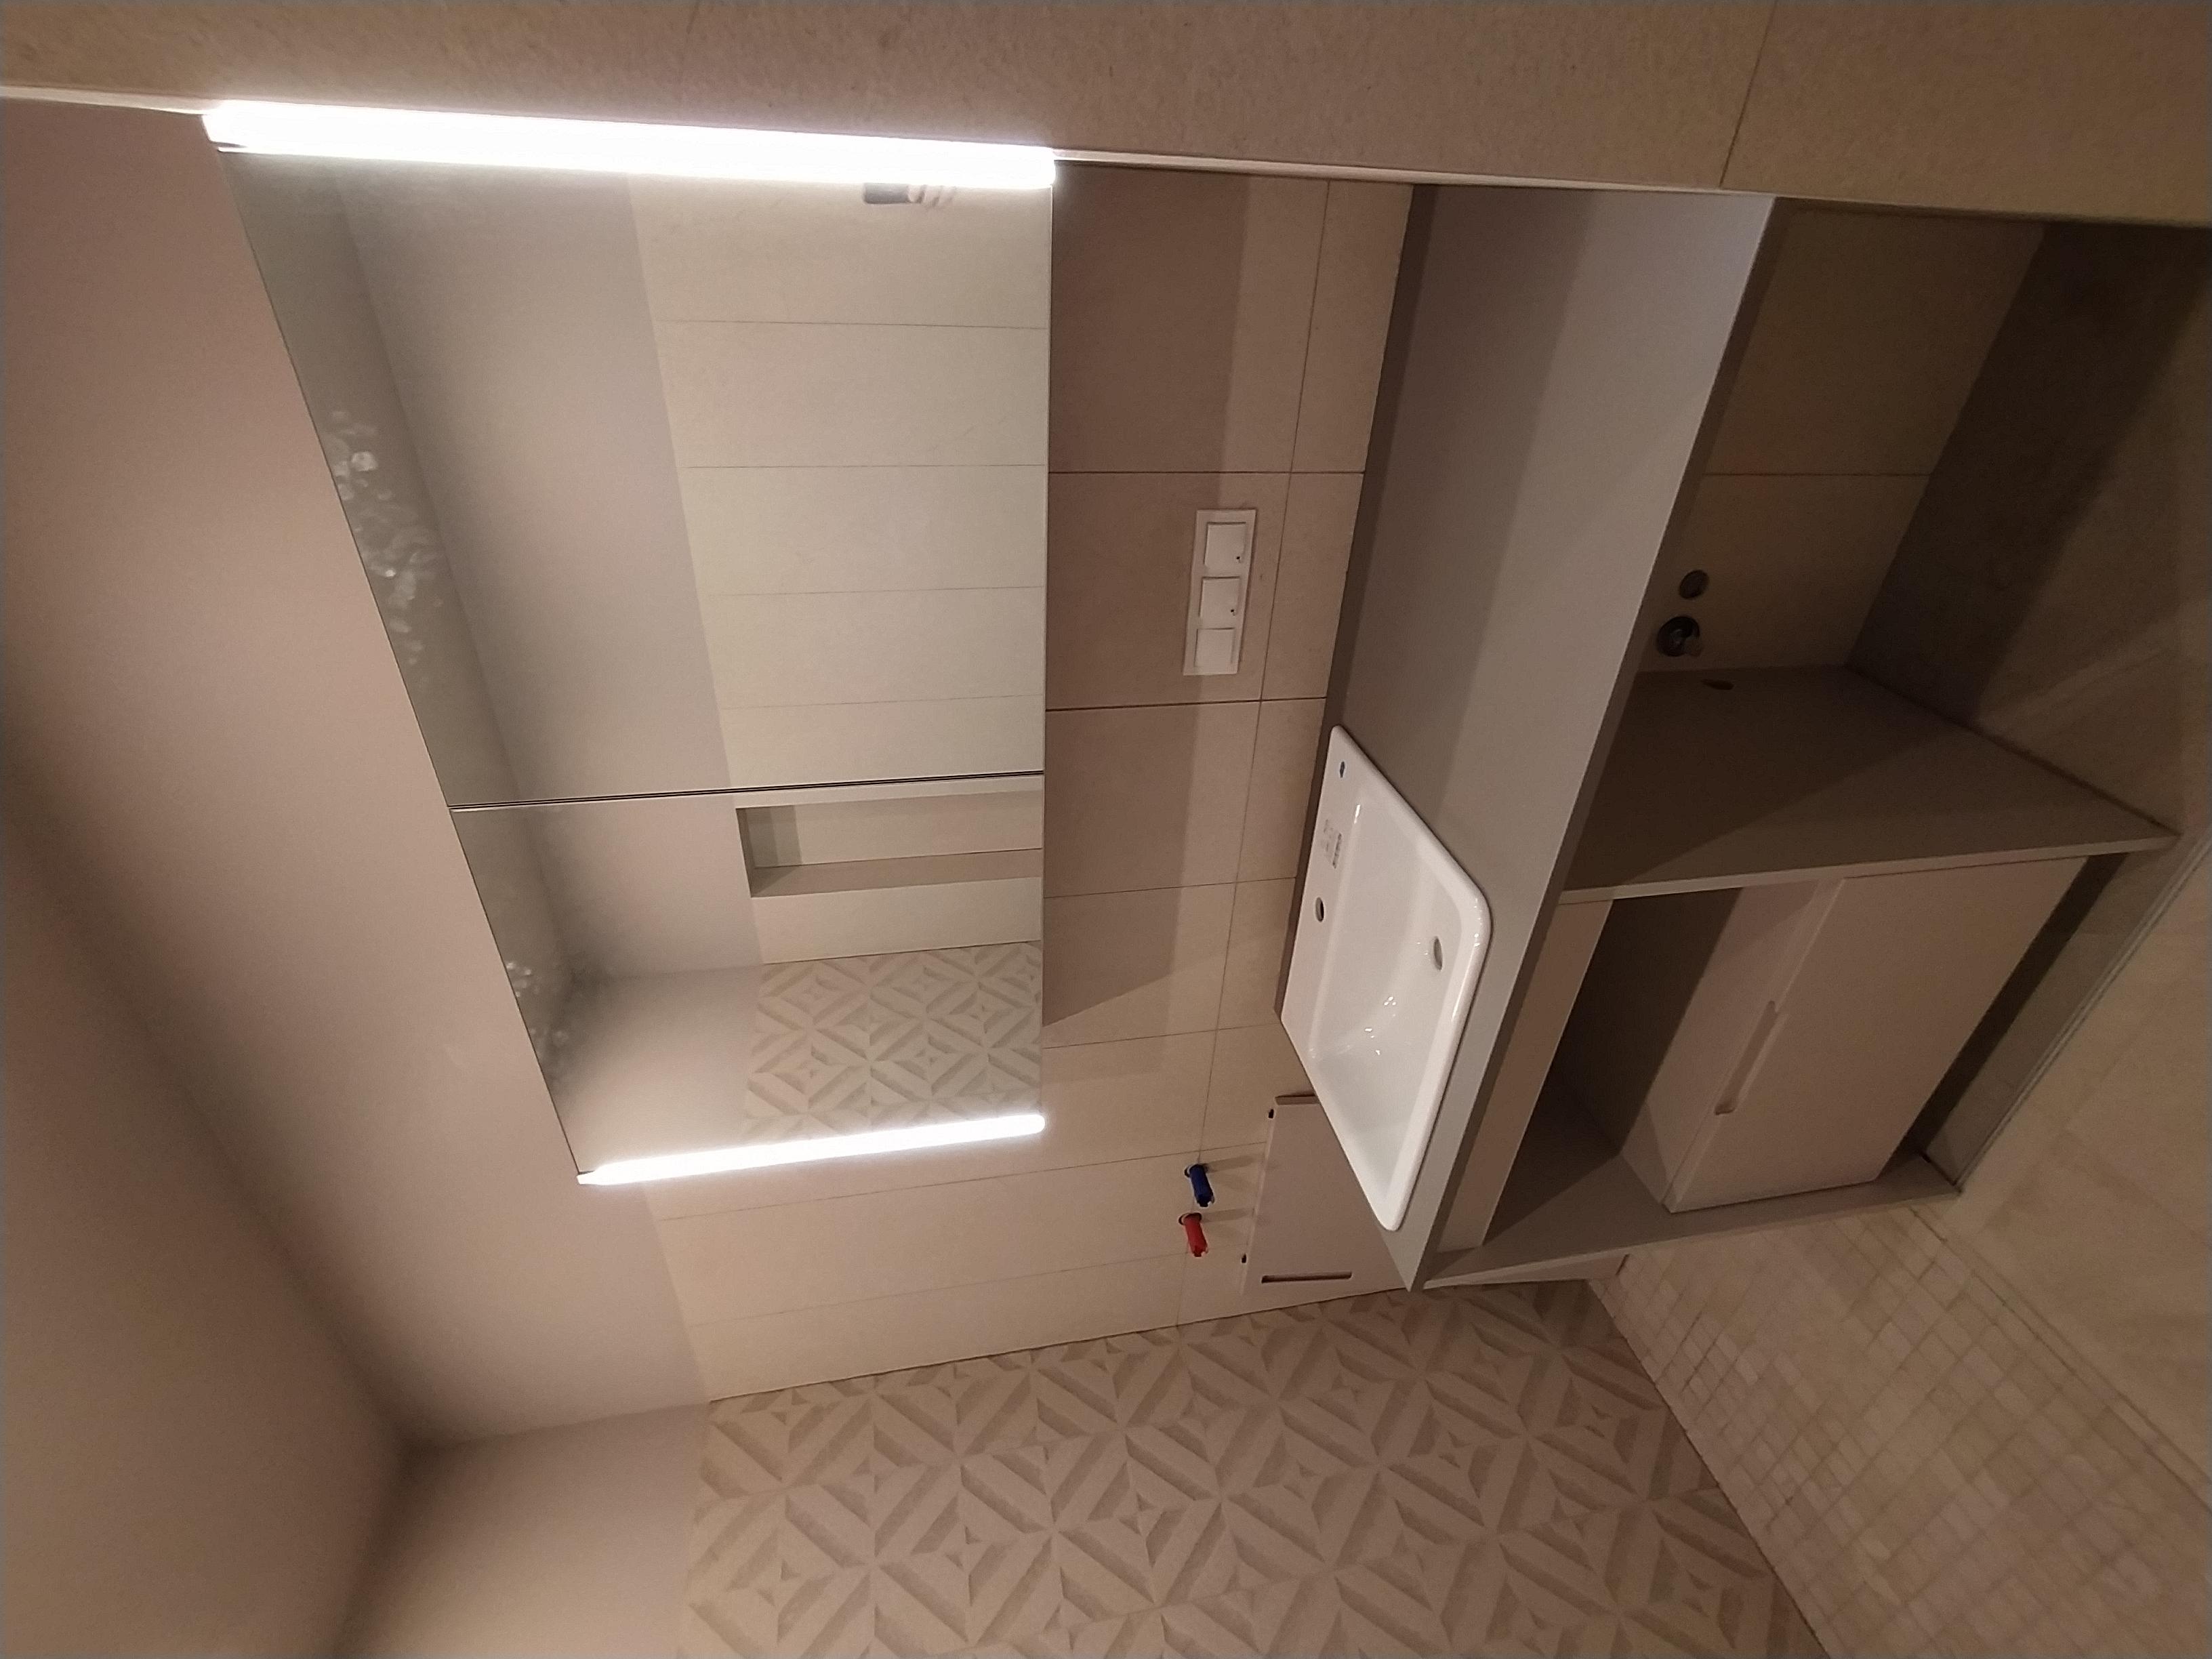 Фото Стол в ванну из крашеного МДФ. Осталось поставить кран и стиралку